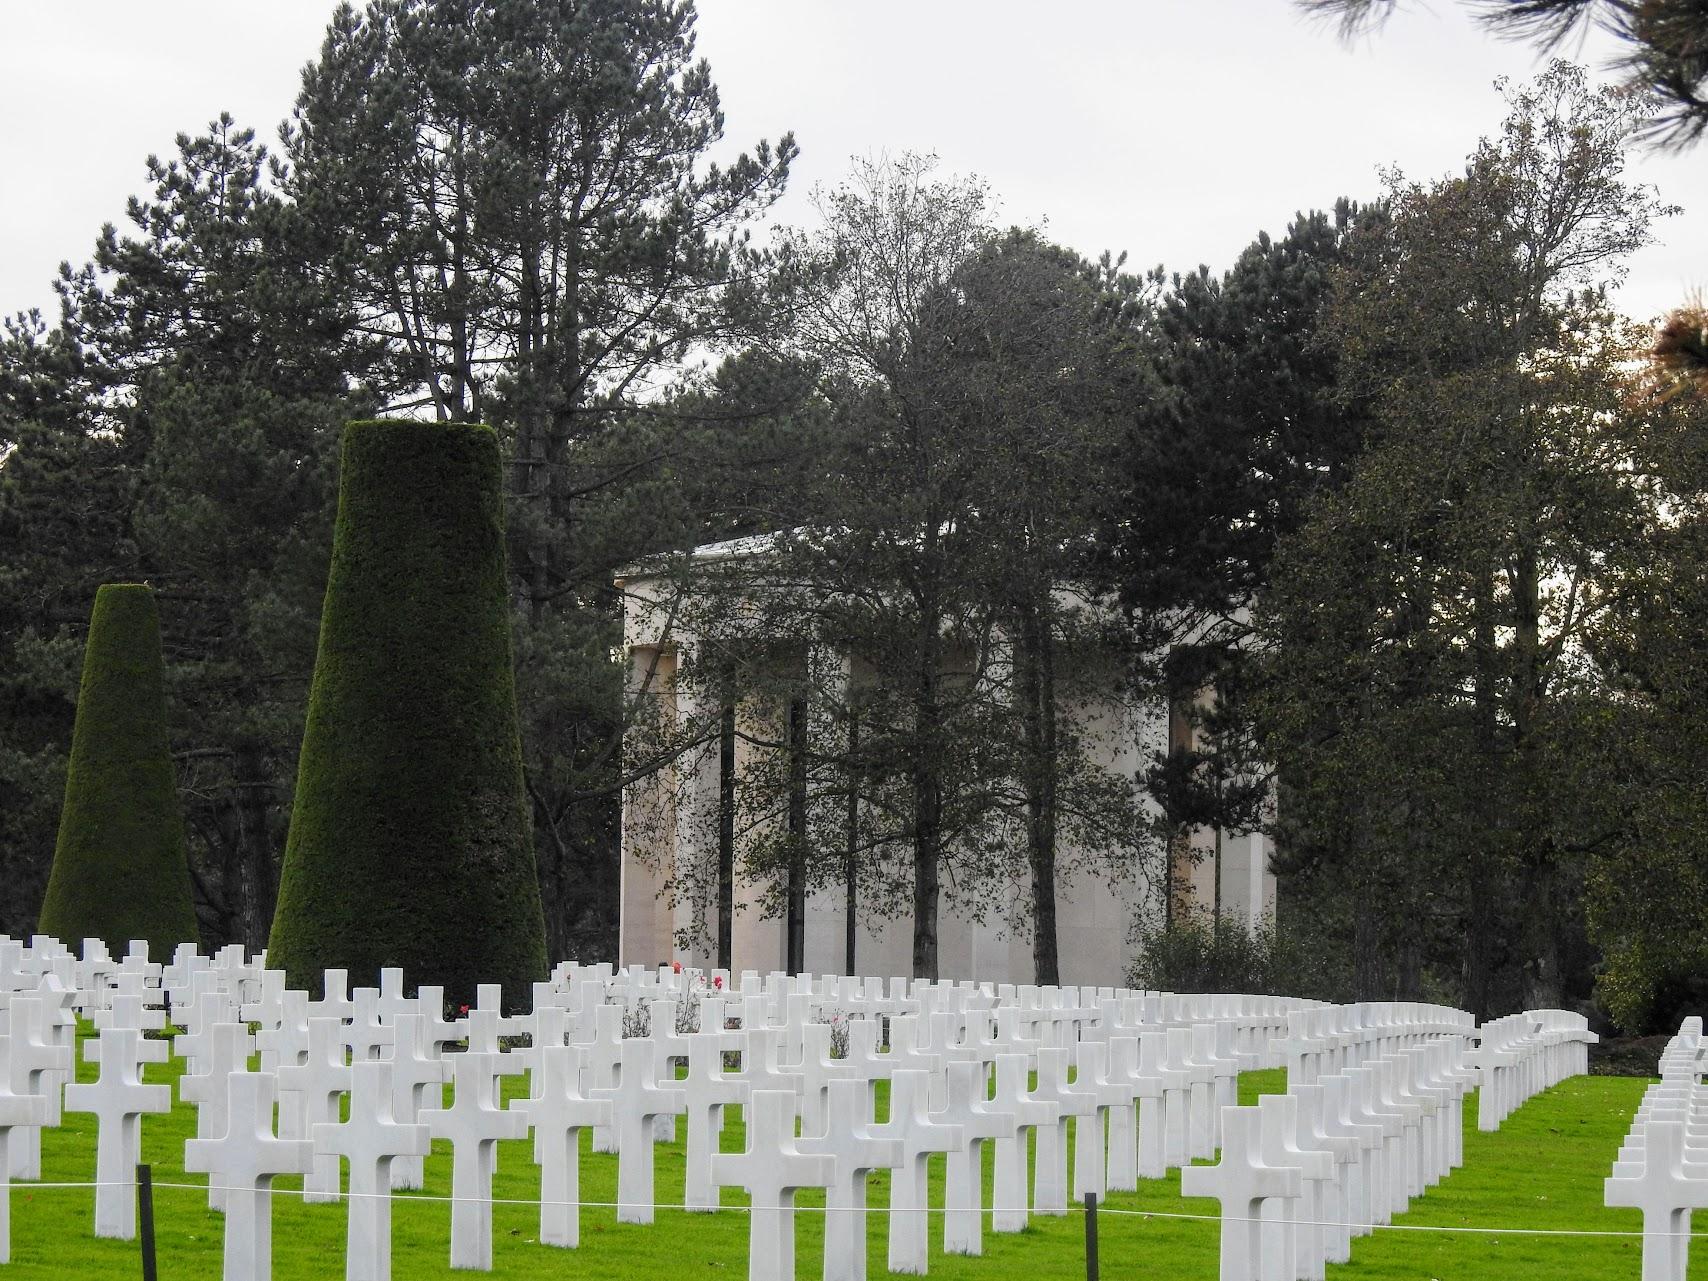 Desembarco de Normandía. Cementerio americano de Normandía